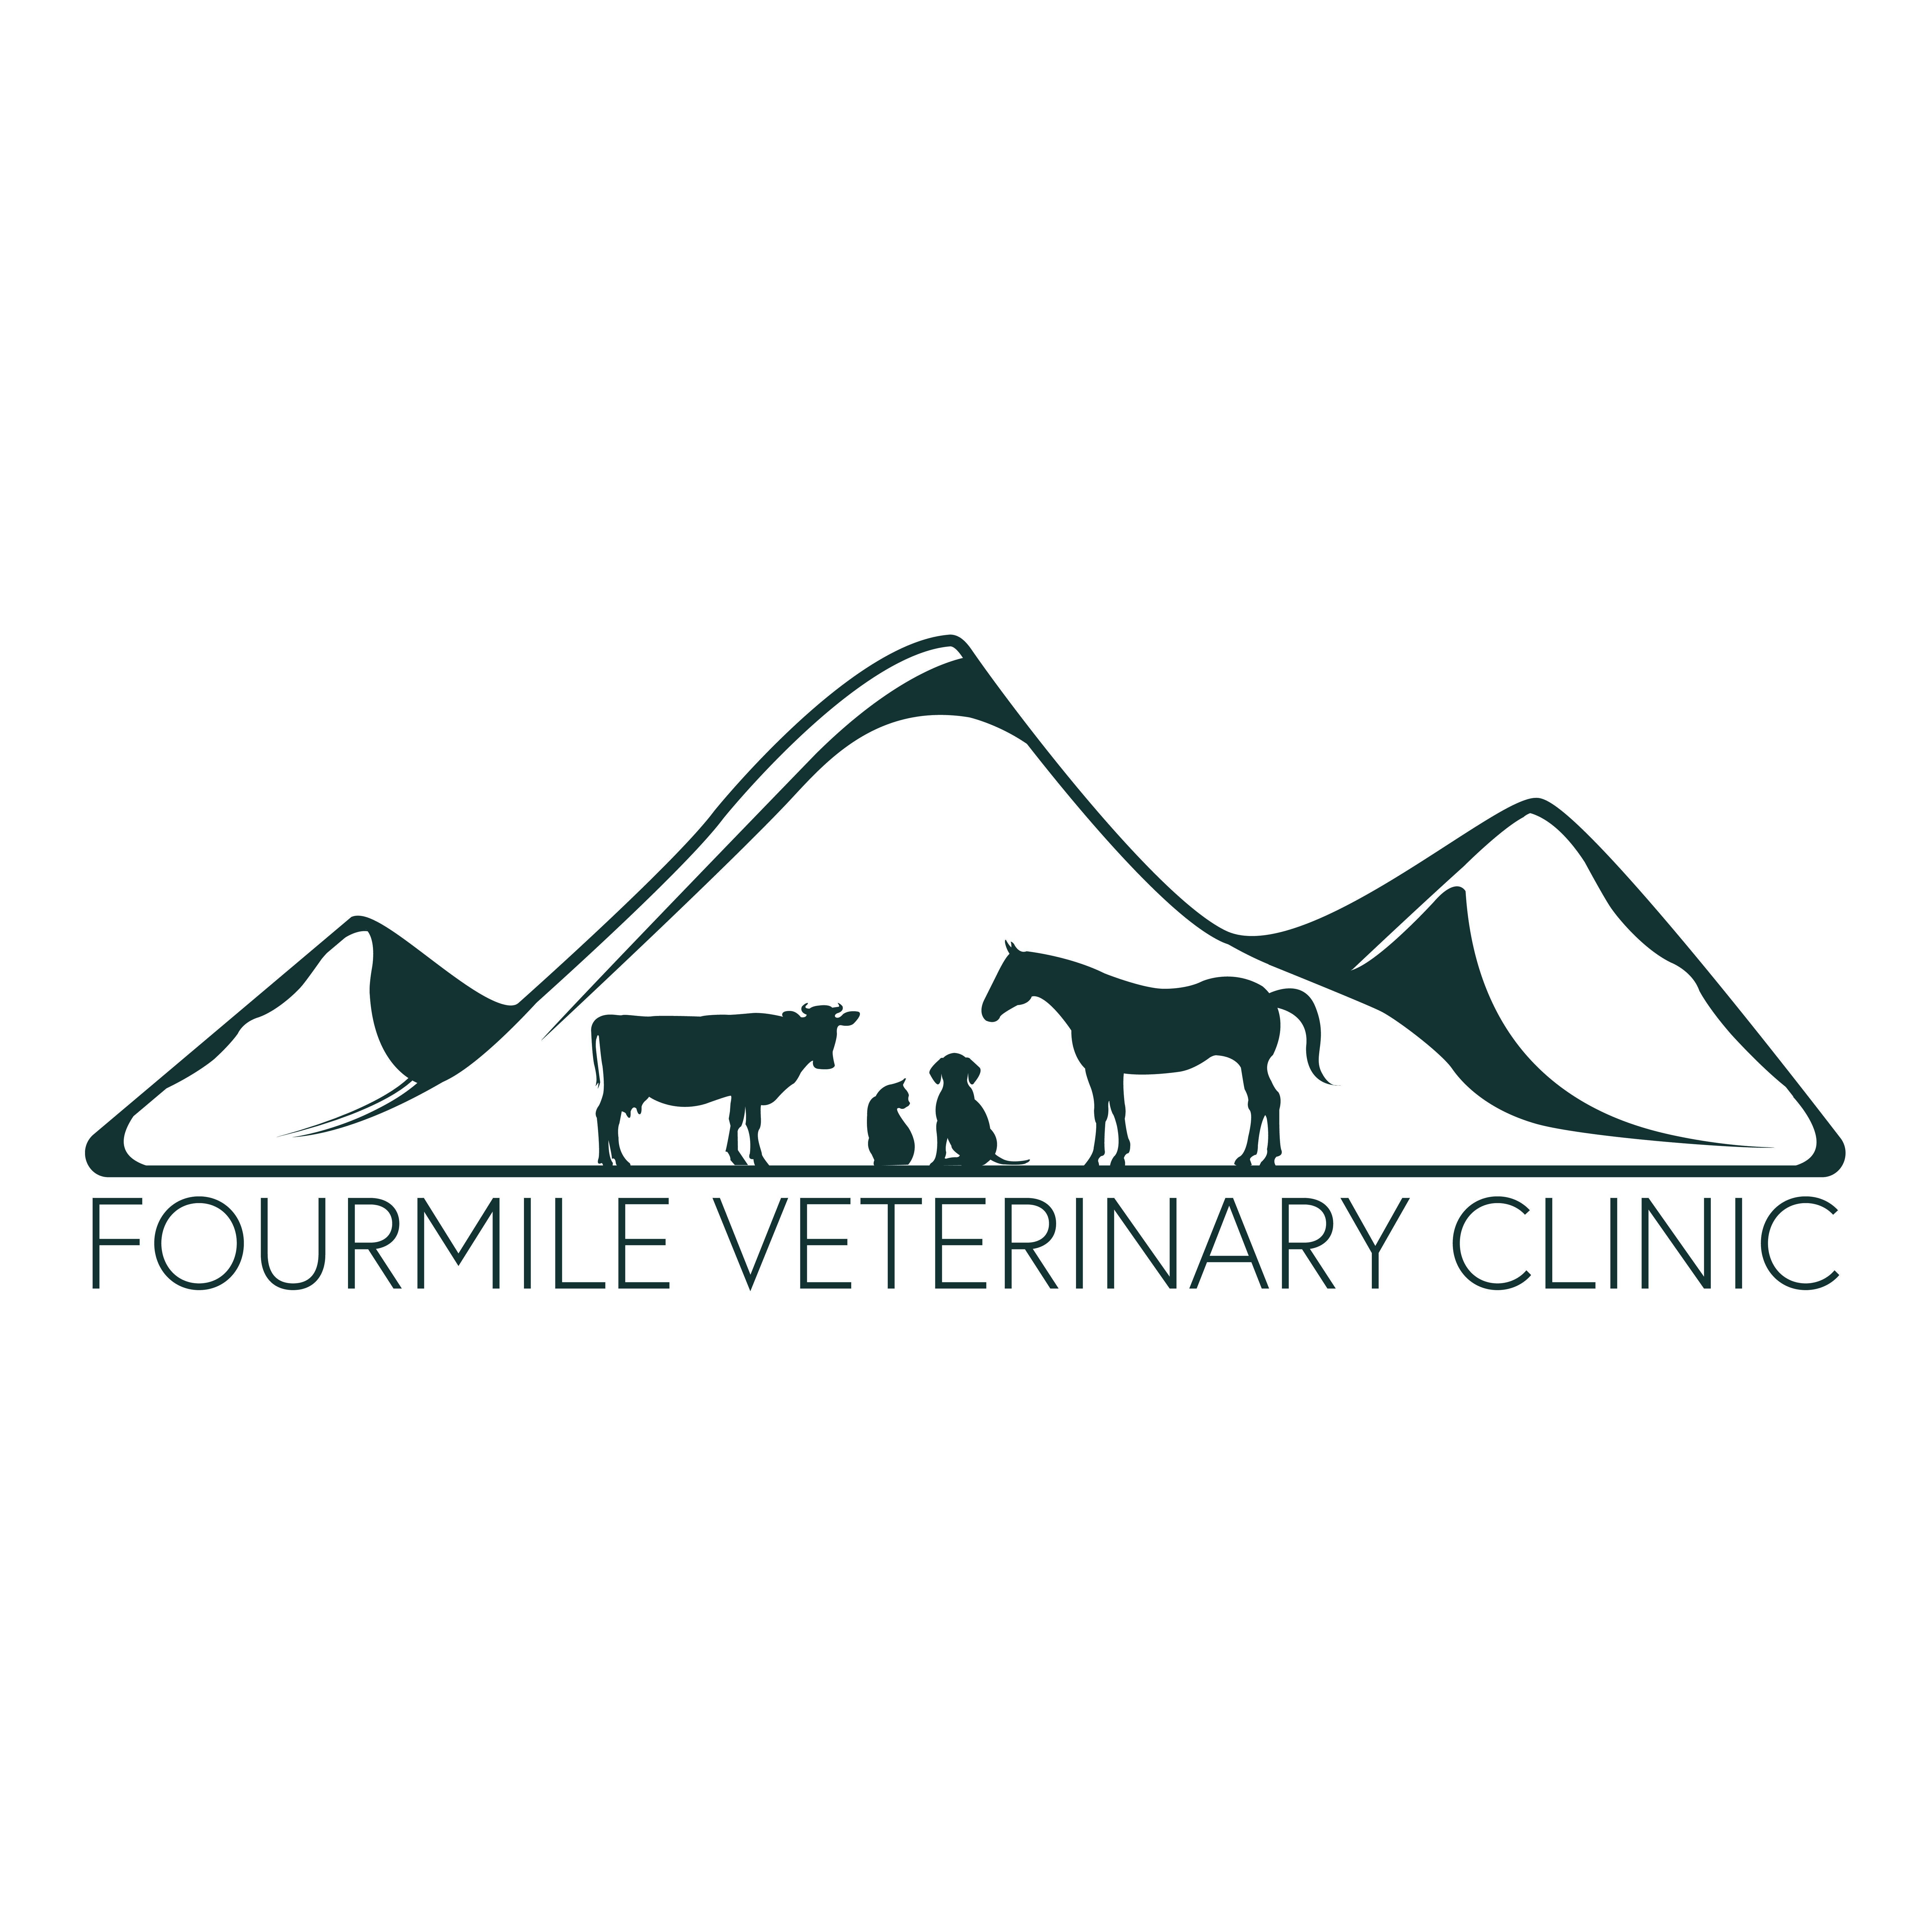 Fourmile Veterinary Clinic